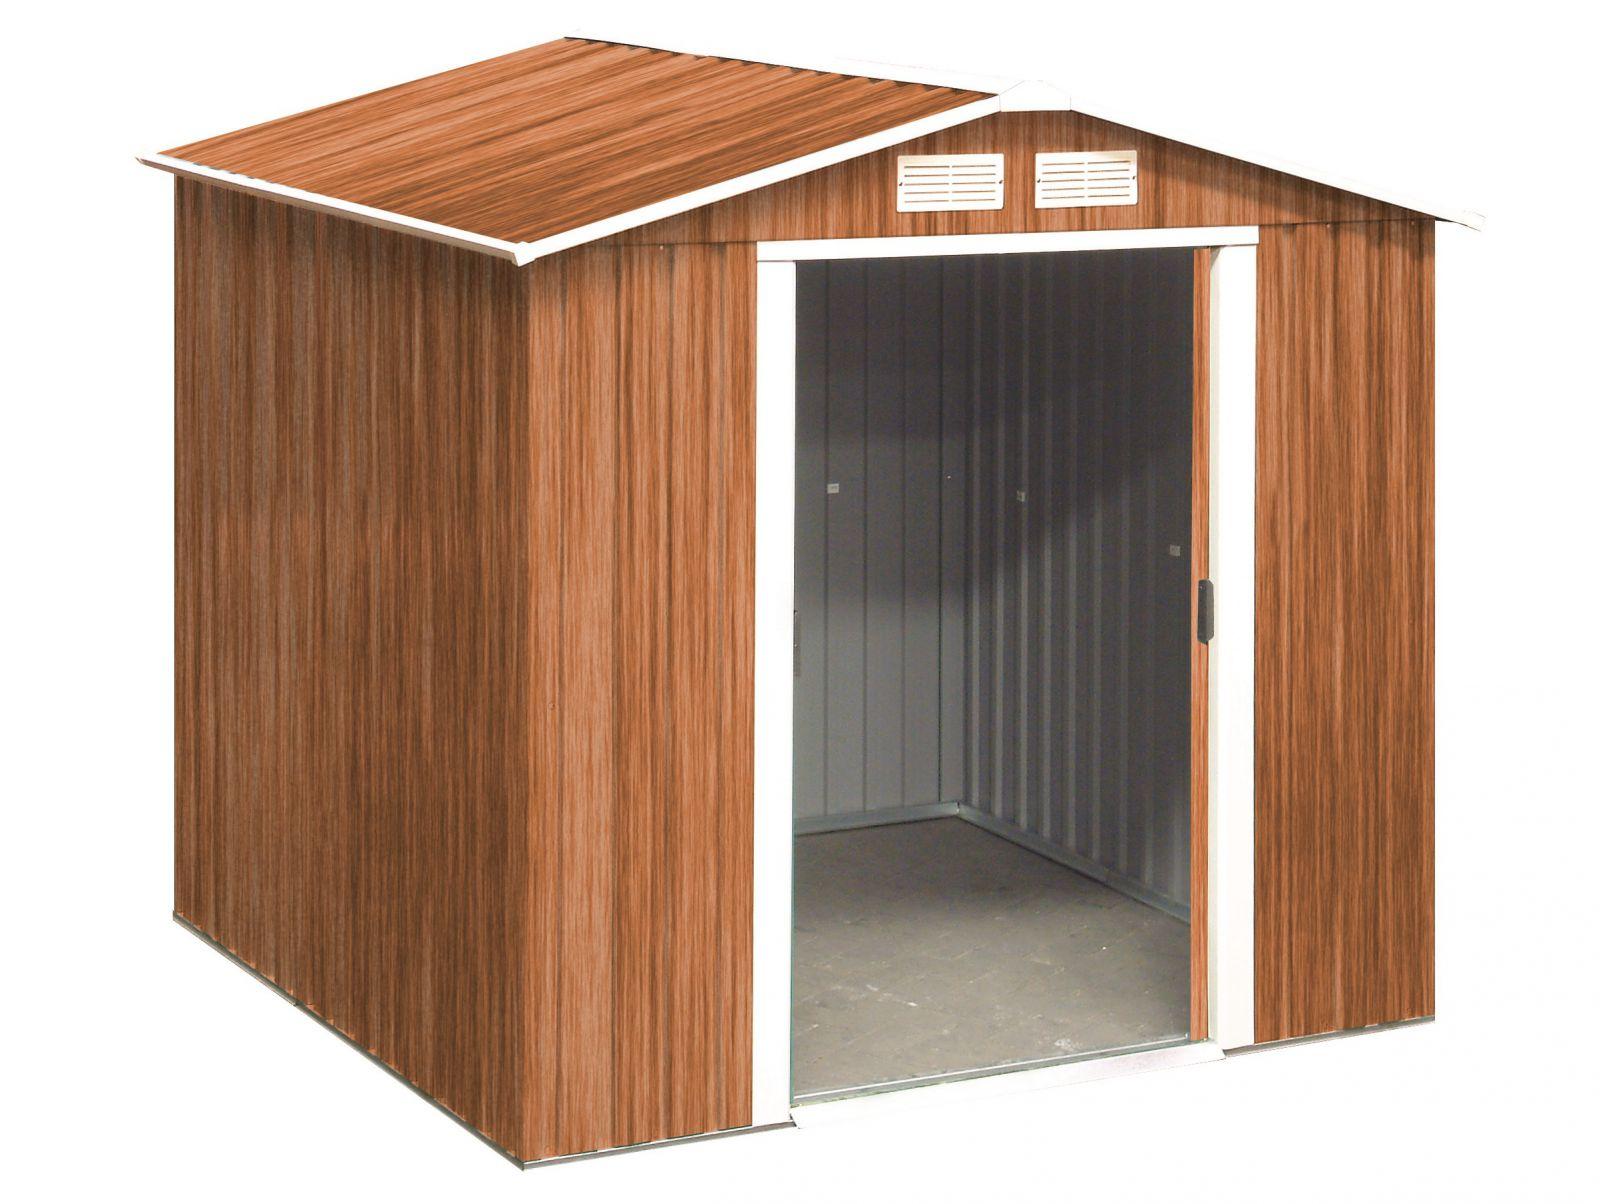 Plechový zahradní domek Duramax Riverton 2,5 m2 - imitace dřeva (zahradní/nářaďový domek)